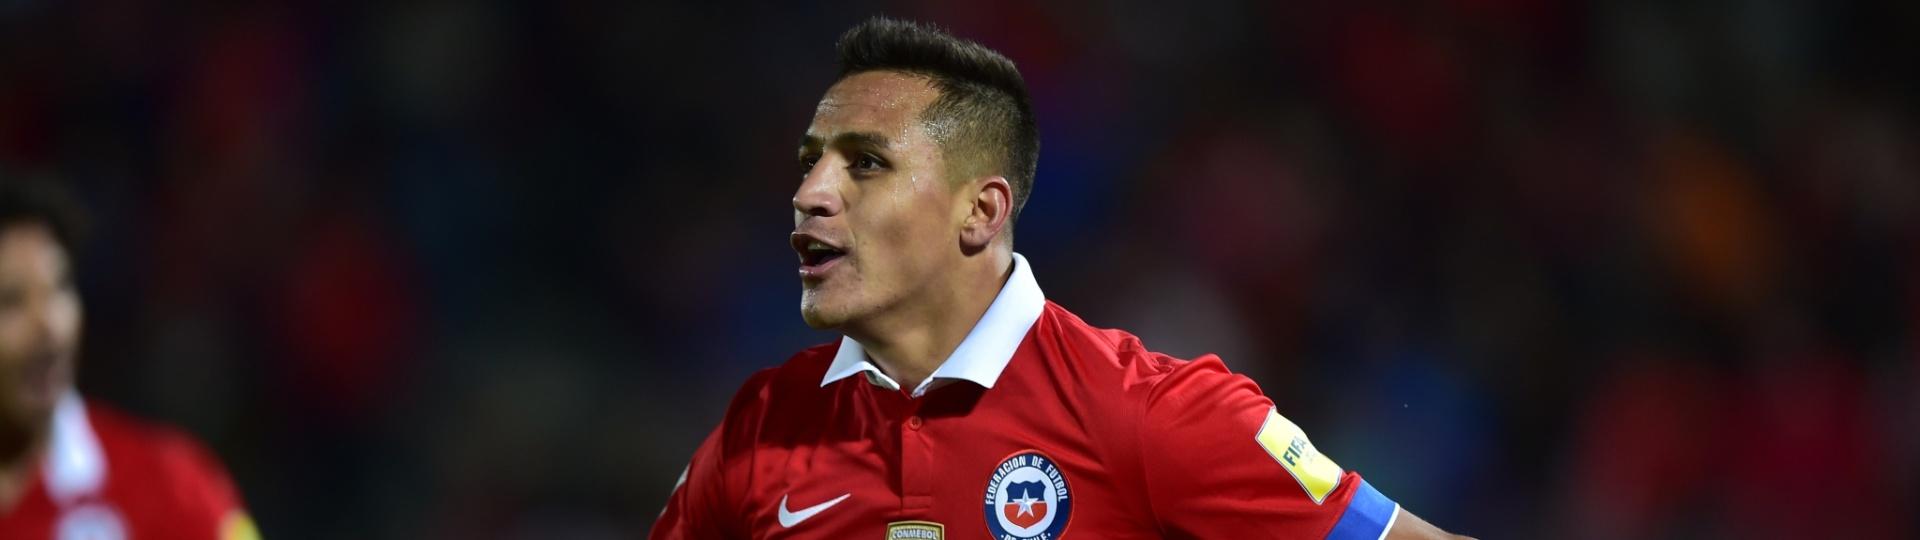 Atacante chileno Alexis Sánchez marca o segundo gol do Chile e sela a vitória sobre o Brasil nas Eliminatórias Sul-americanas para a Copa do Mundo de 2018